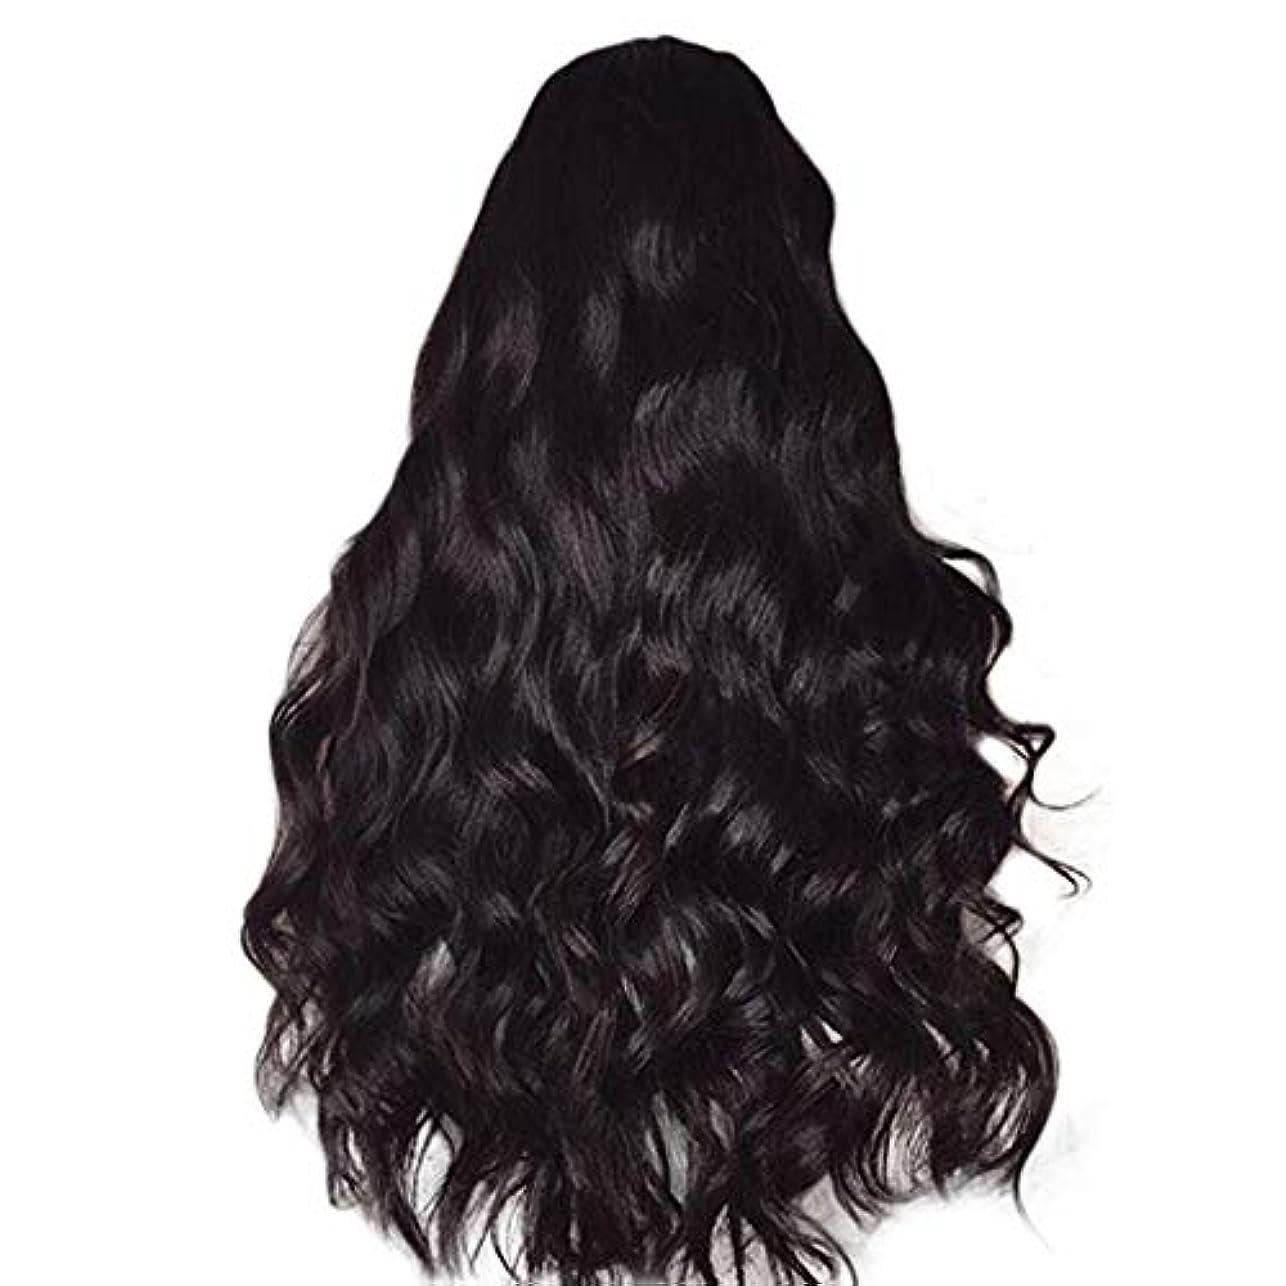 交流する削るトランスミッション女性のかつら長い巻き毛黒ふわふわビッグウェーブウィッグ65 cm